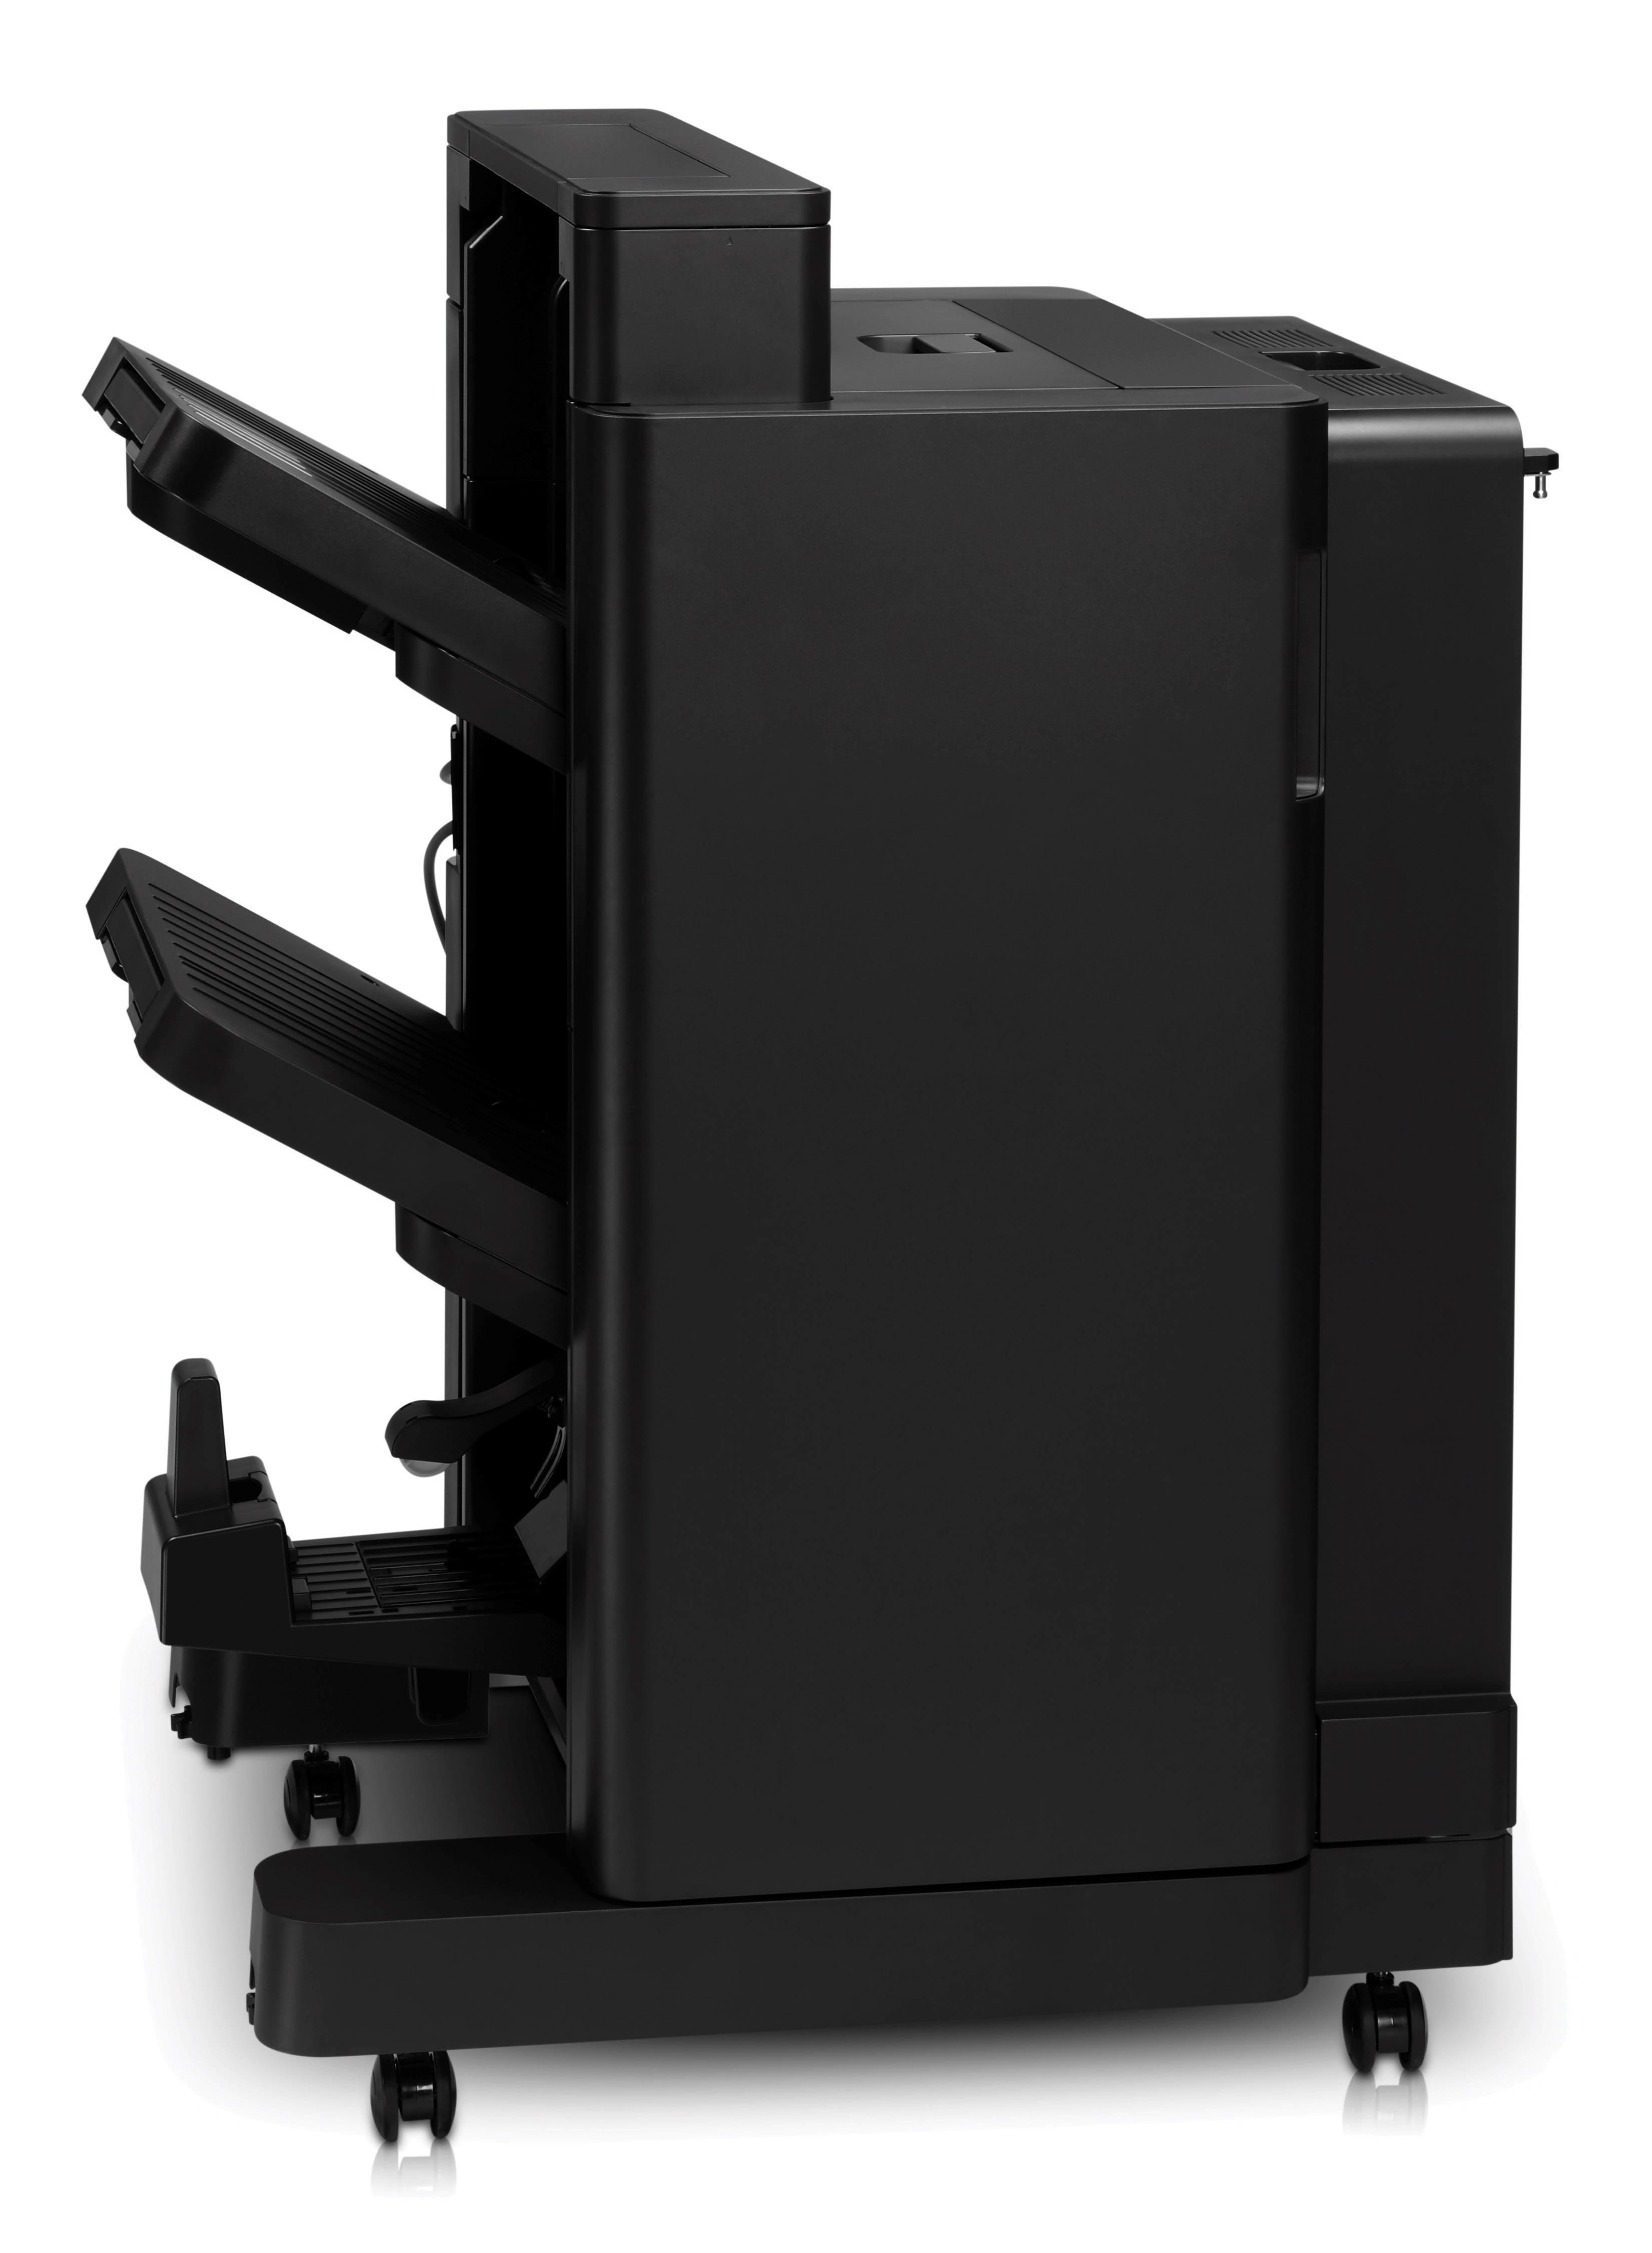 Finisher - for LaserJet Enterprise Flow MFP M830 LaserJet Managed Flow MFP M830